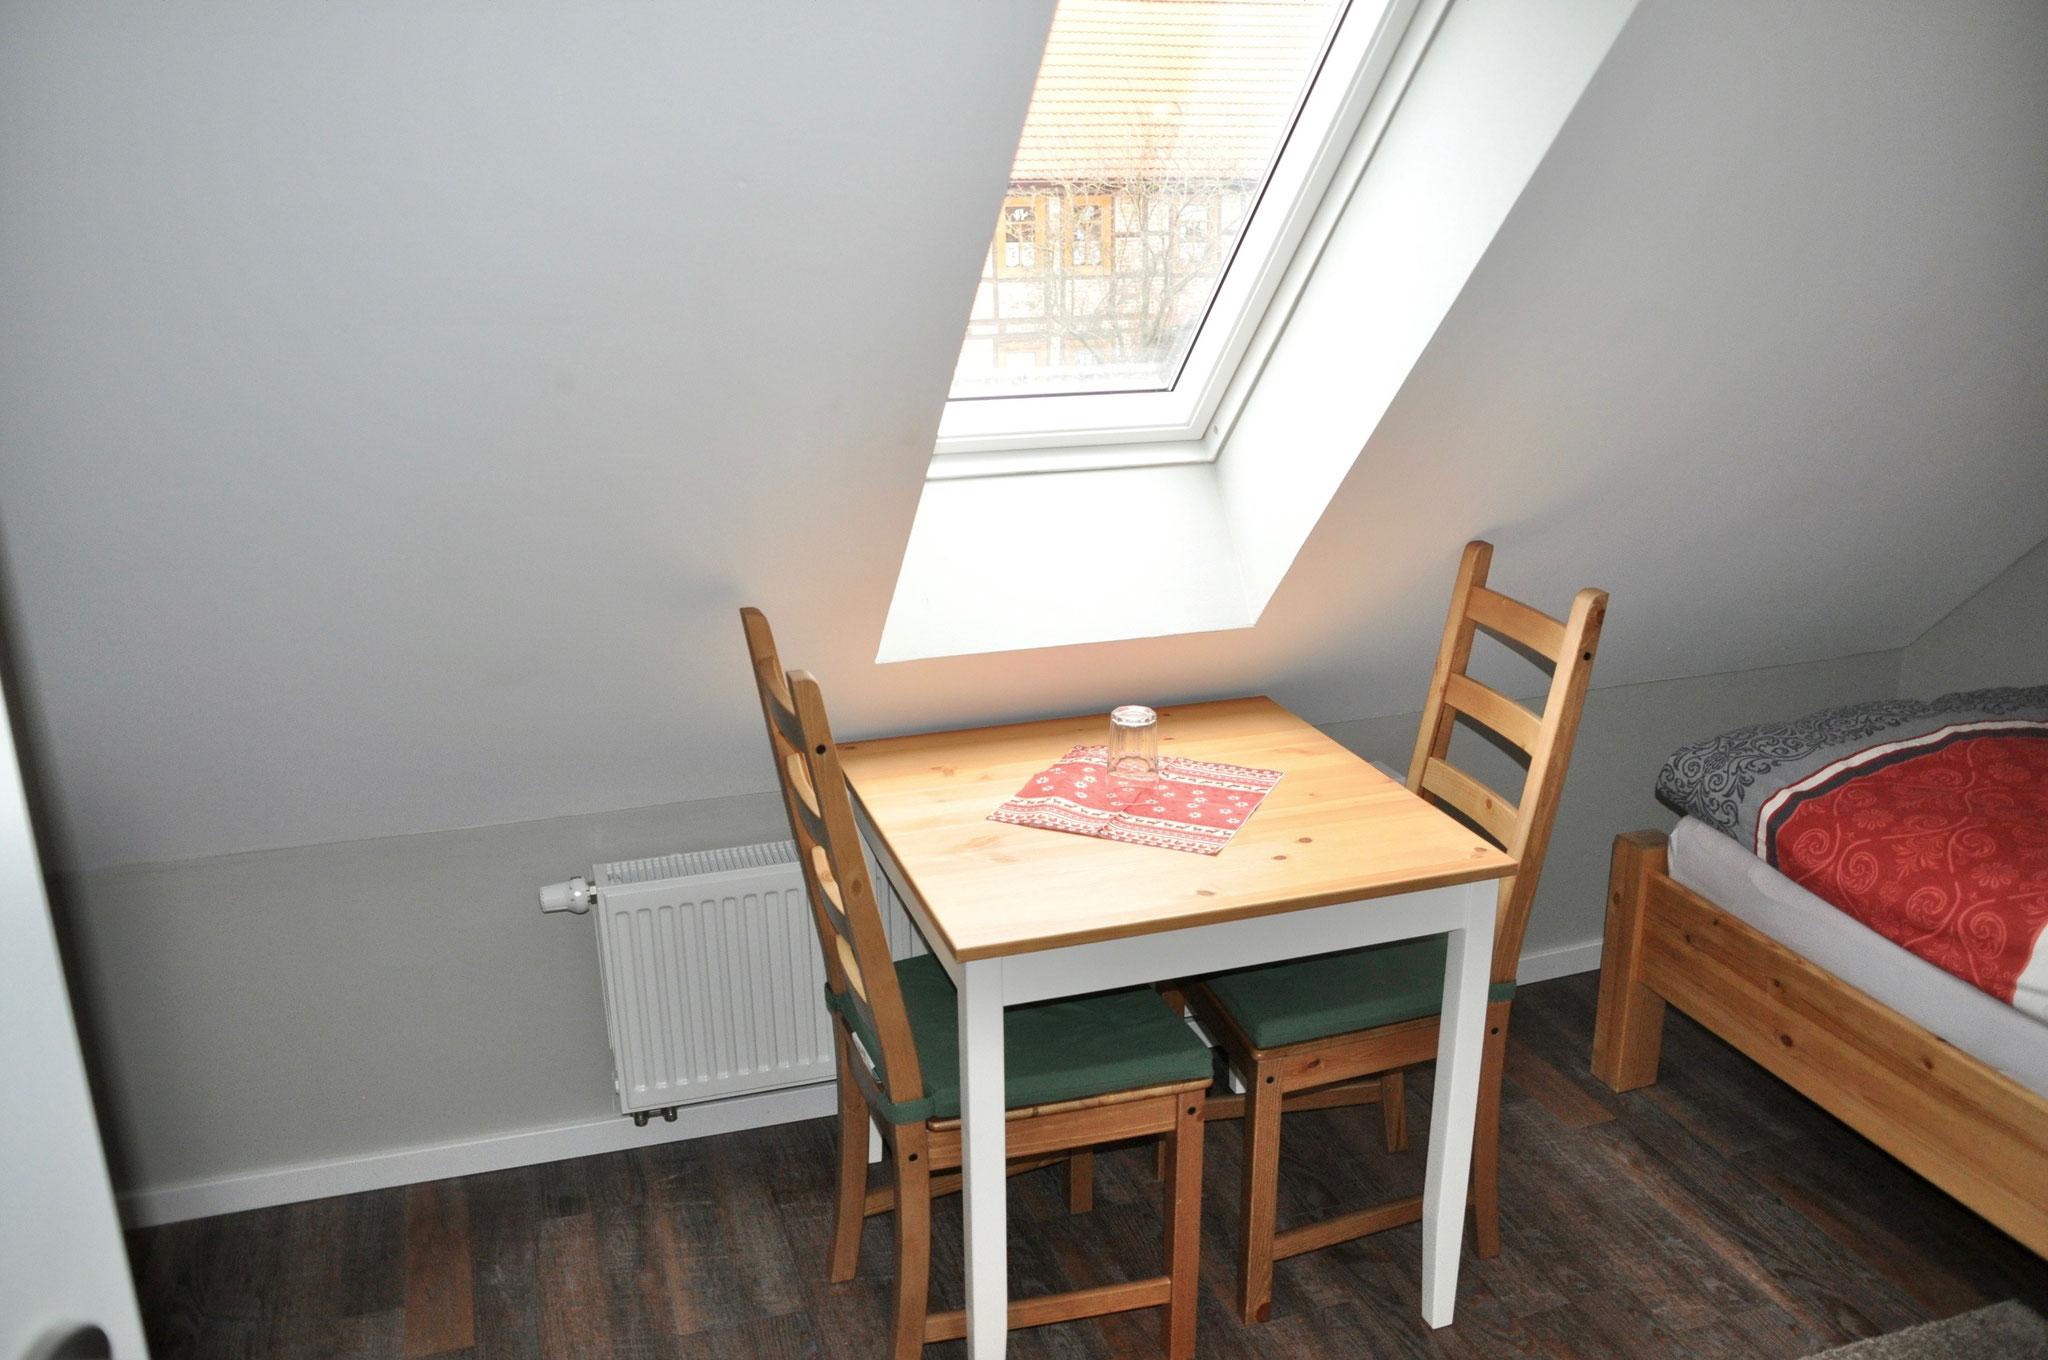 Tisch & Stühle Zimmer 3